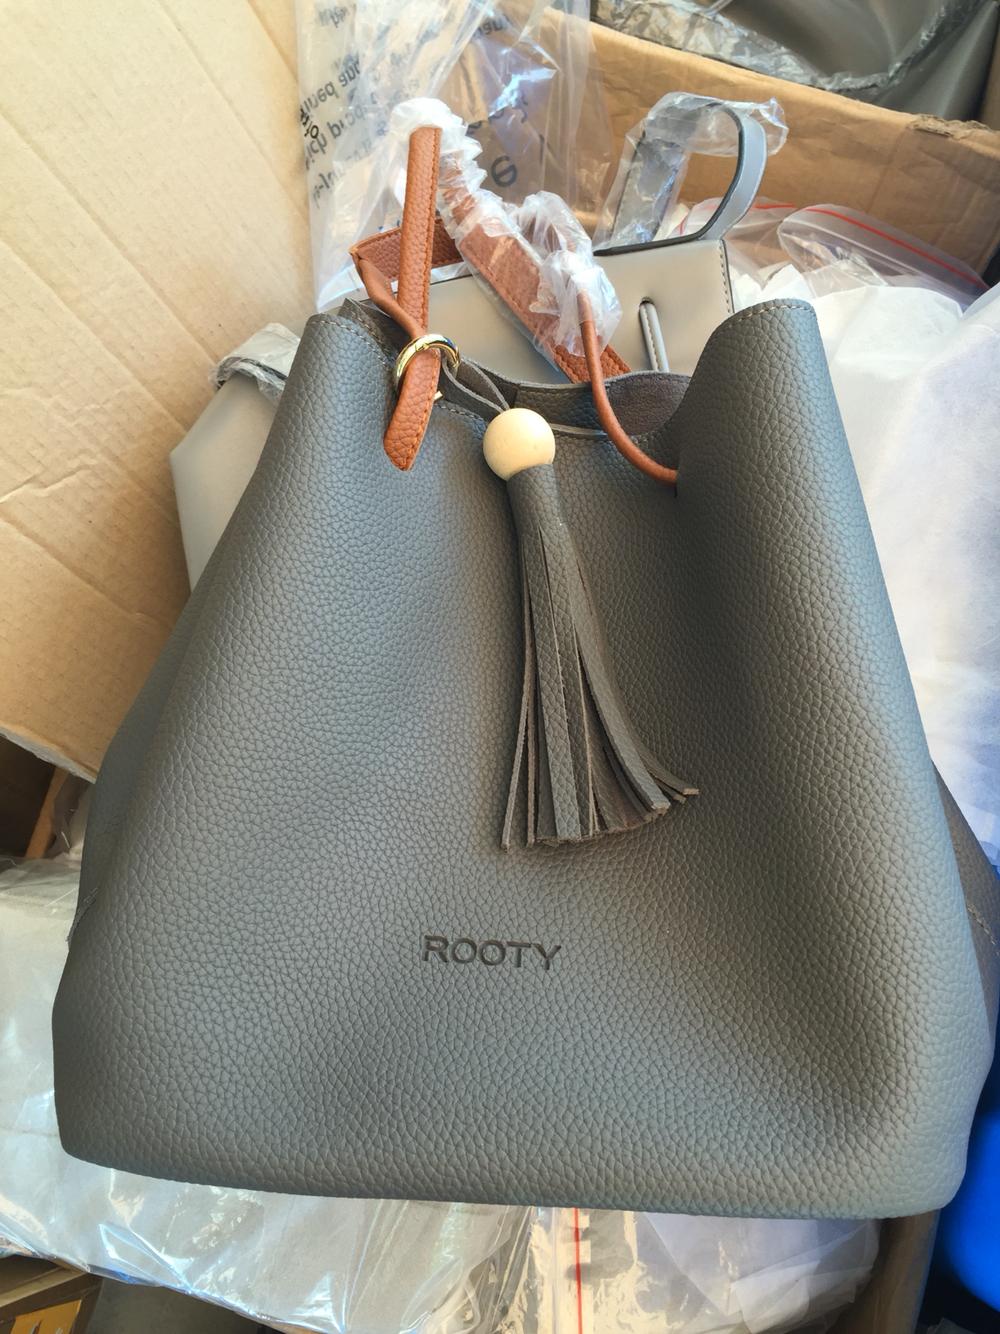 包包韩国款式品牌 优惠价格图片